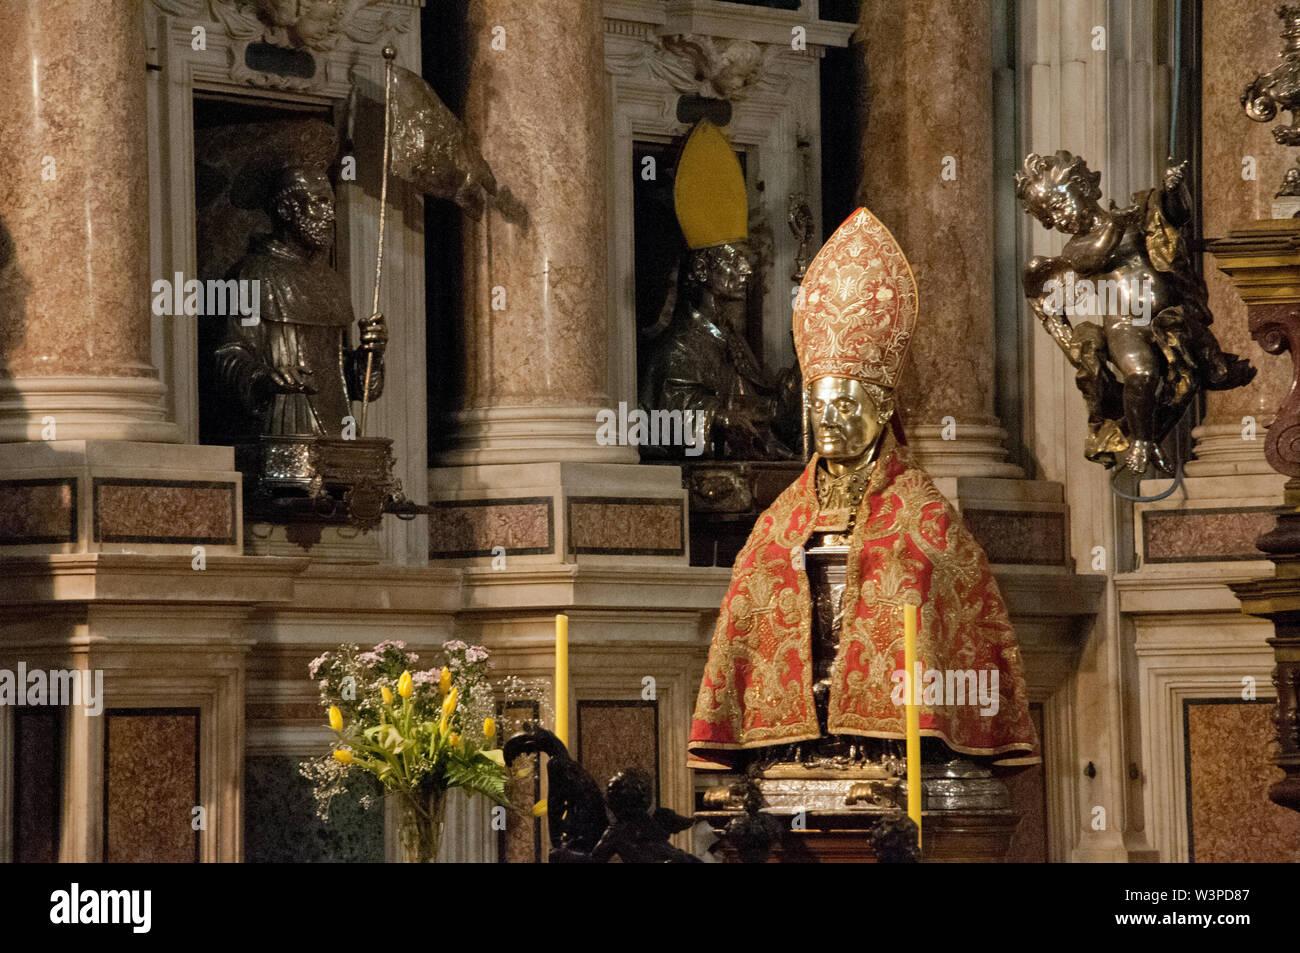 Europa, Italien, Kampanien, Neapel, Königliche Kapelle der Schatz des heiligen Januarius, der Kathedrale von Neapel Stockfoto